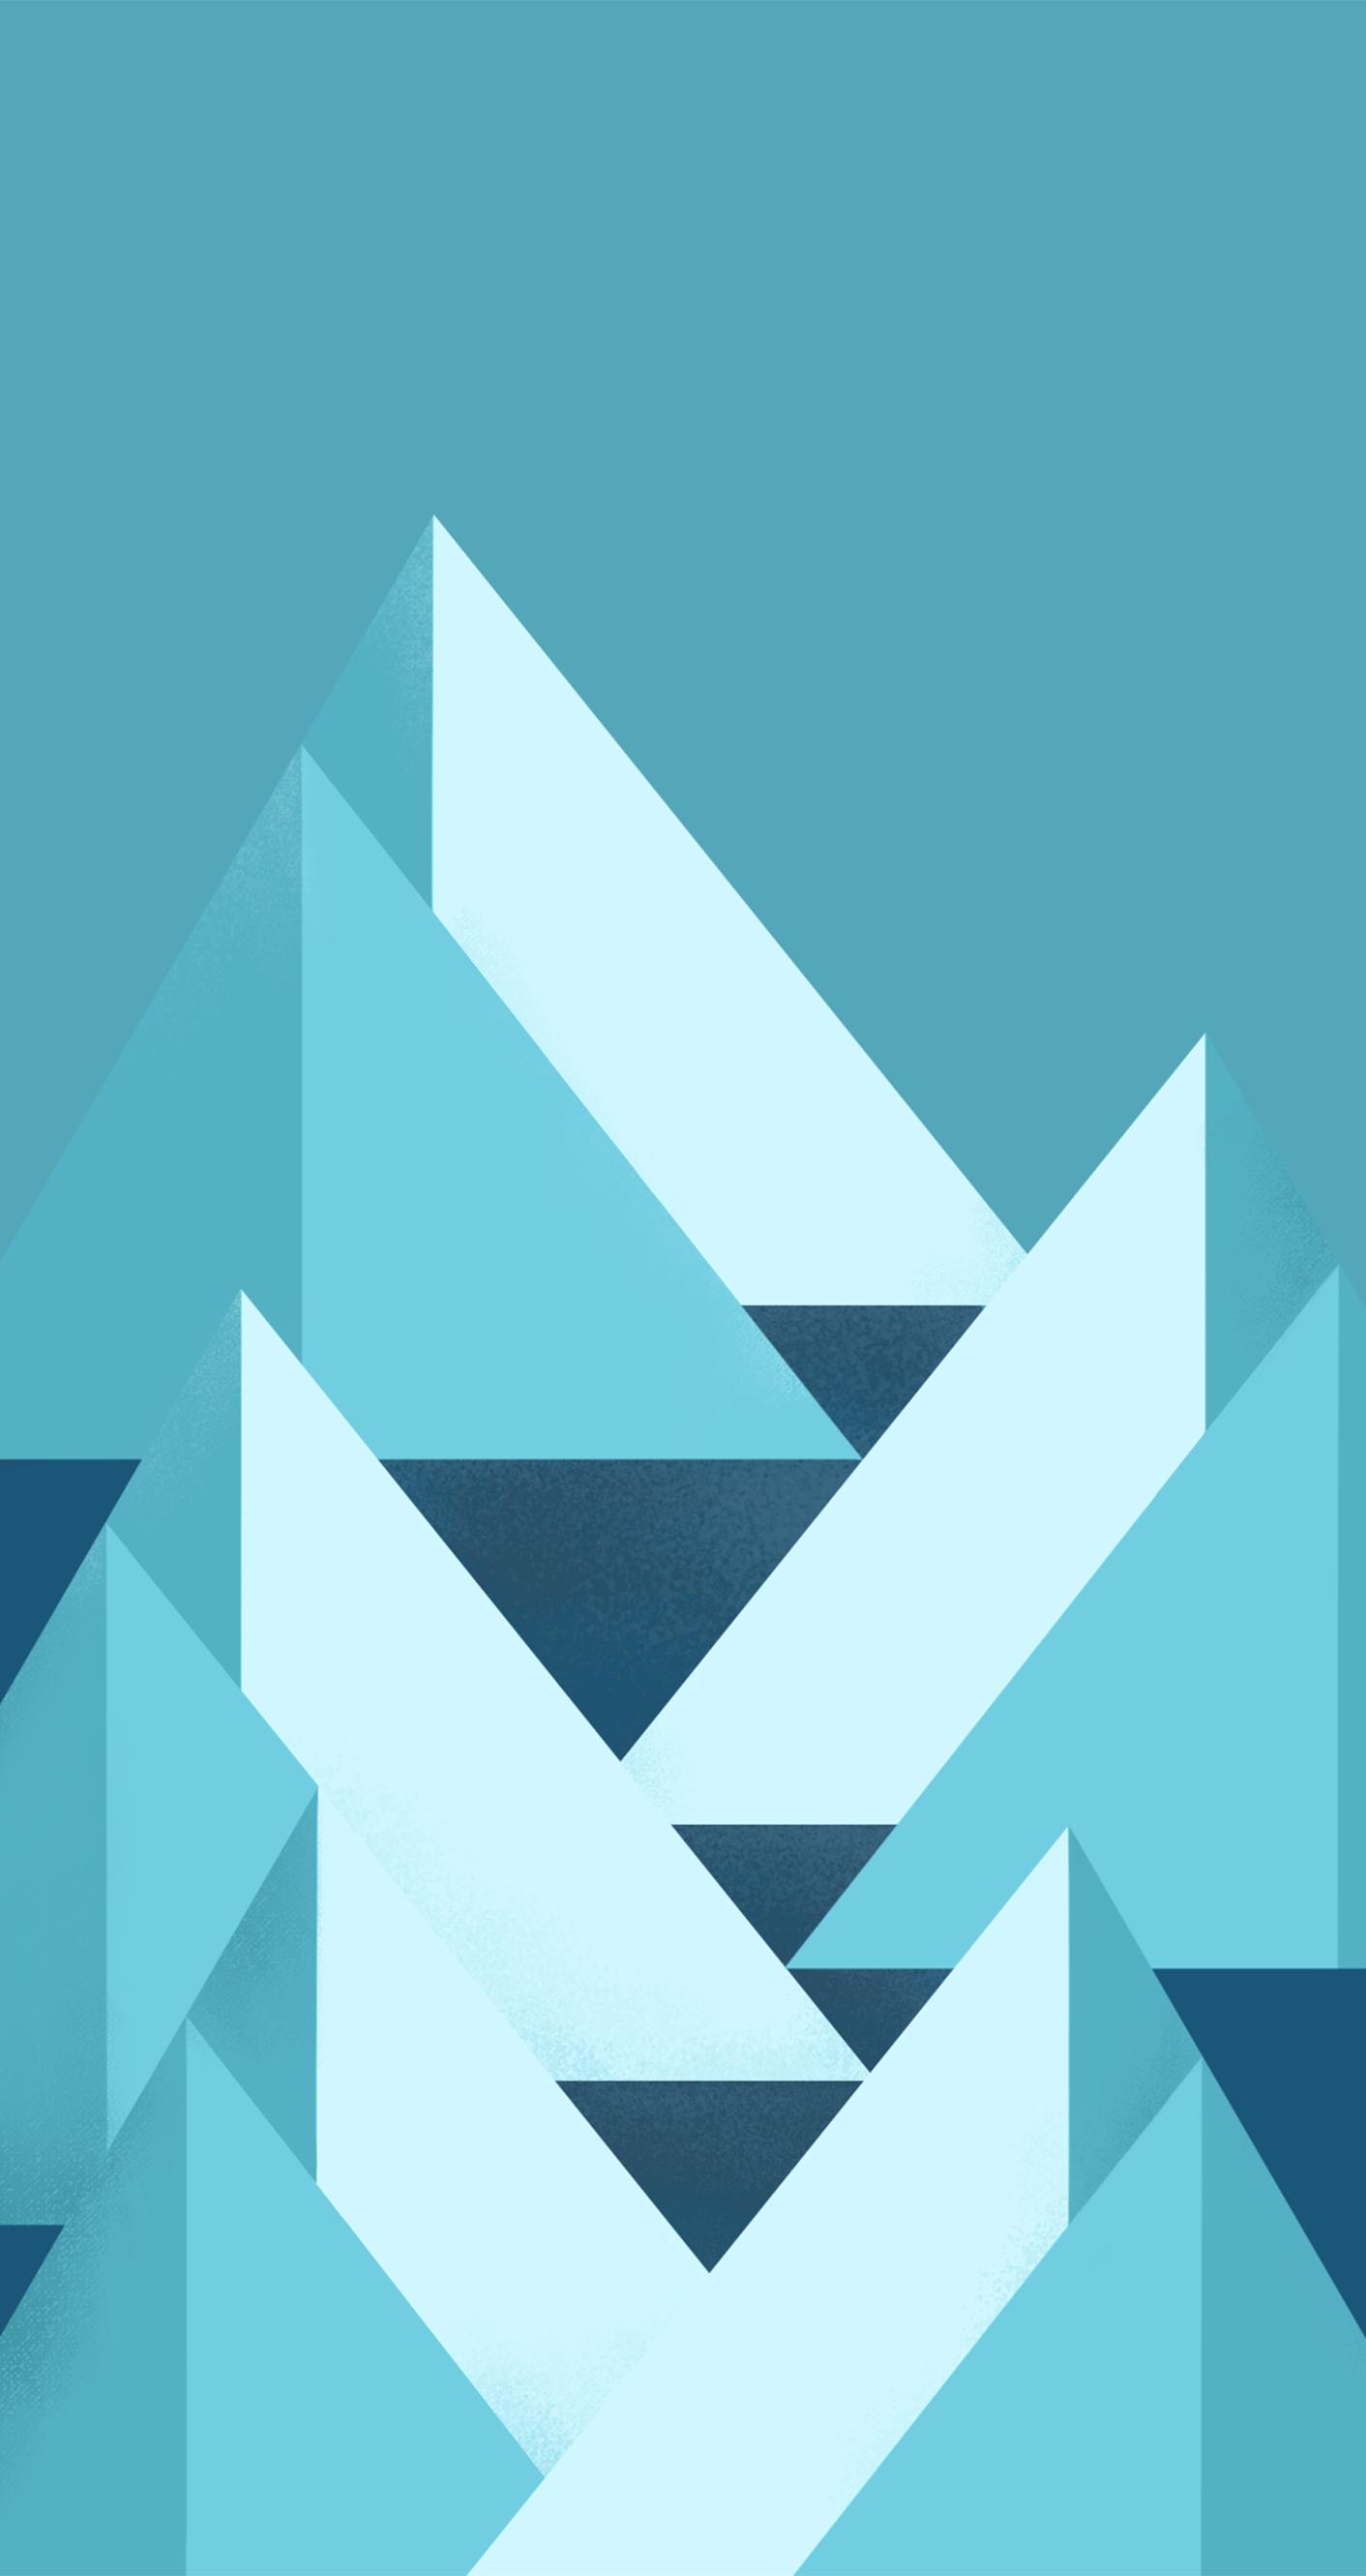 geometry_iceberg